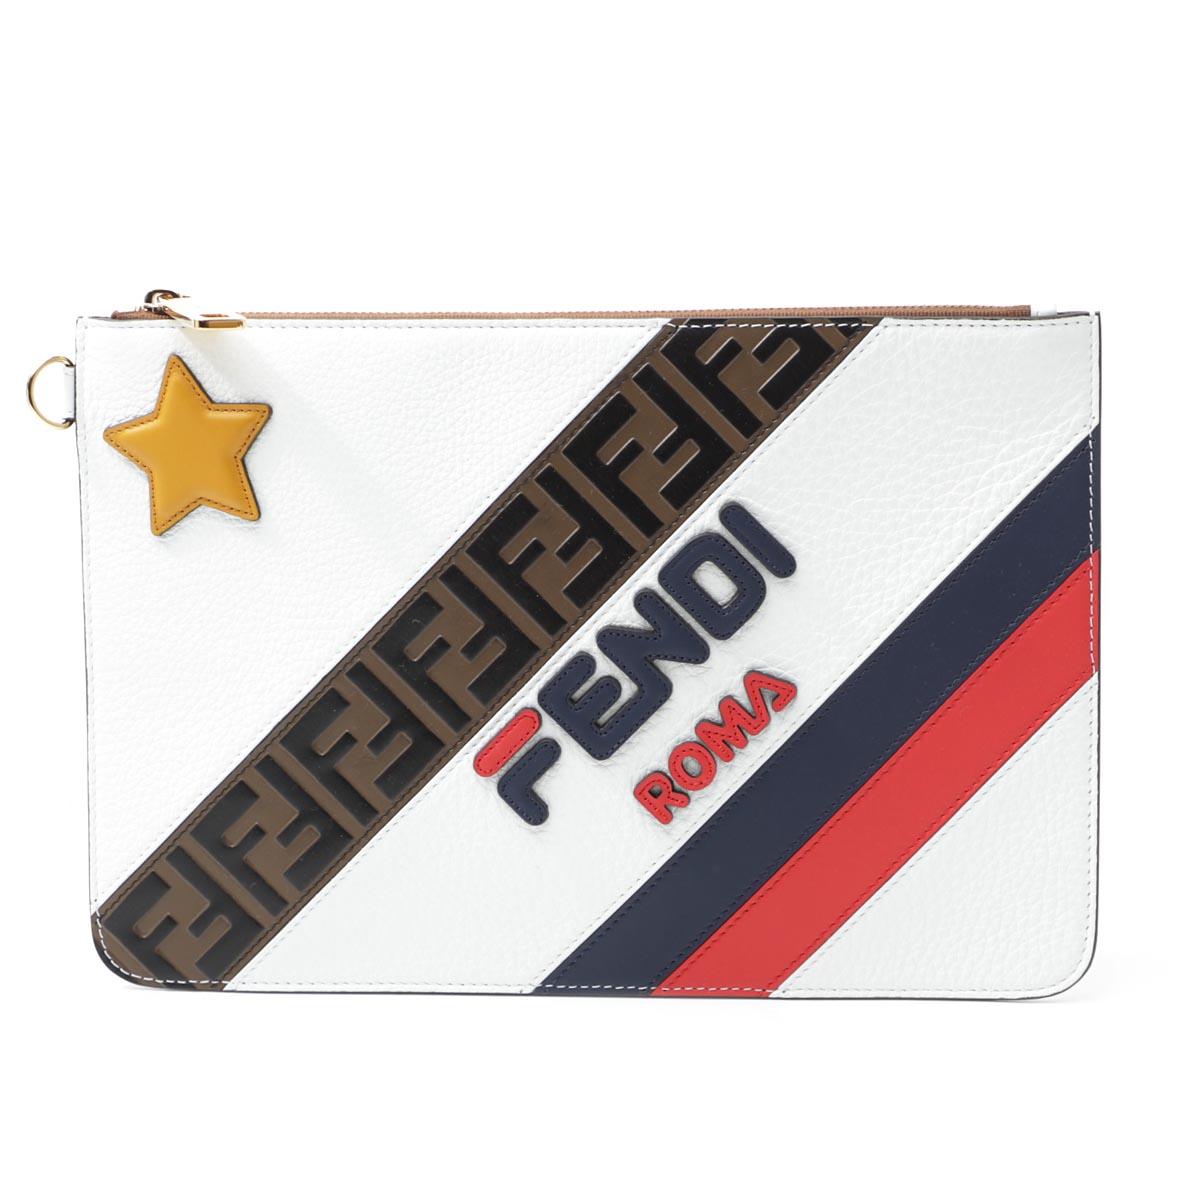 メンズバッグ, クラッチバッグ・セカンドバッグ  FENDI 7n0078 a5ph f15ar191016